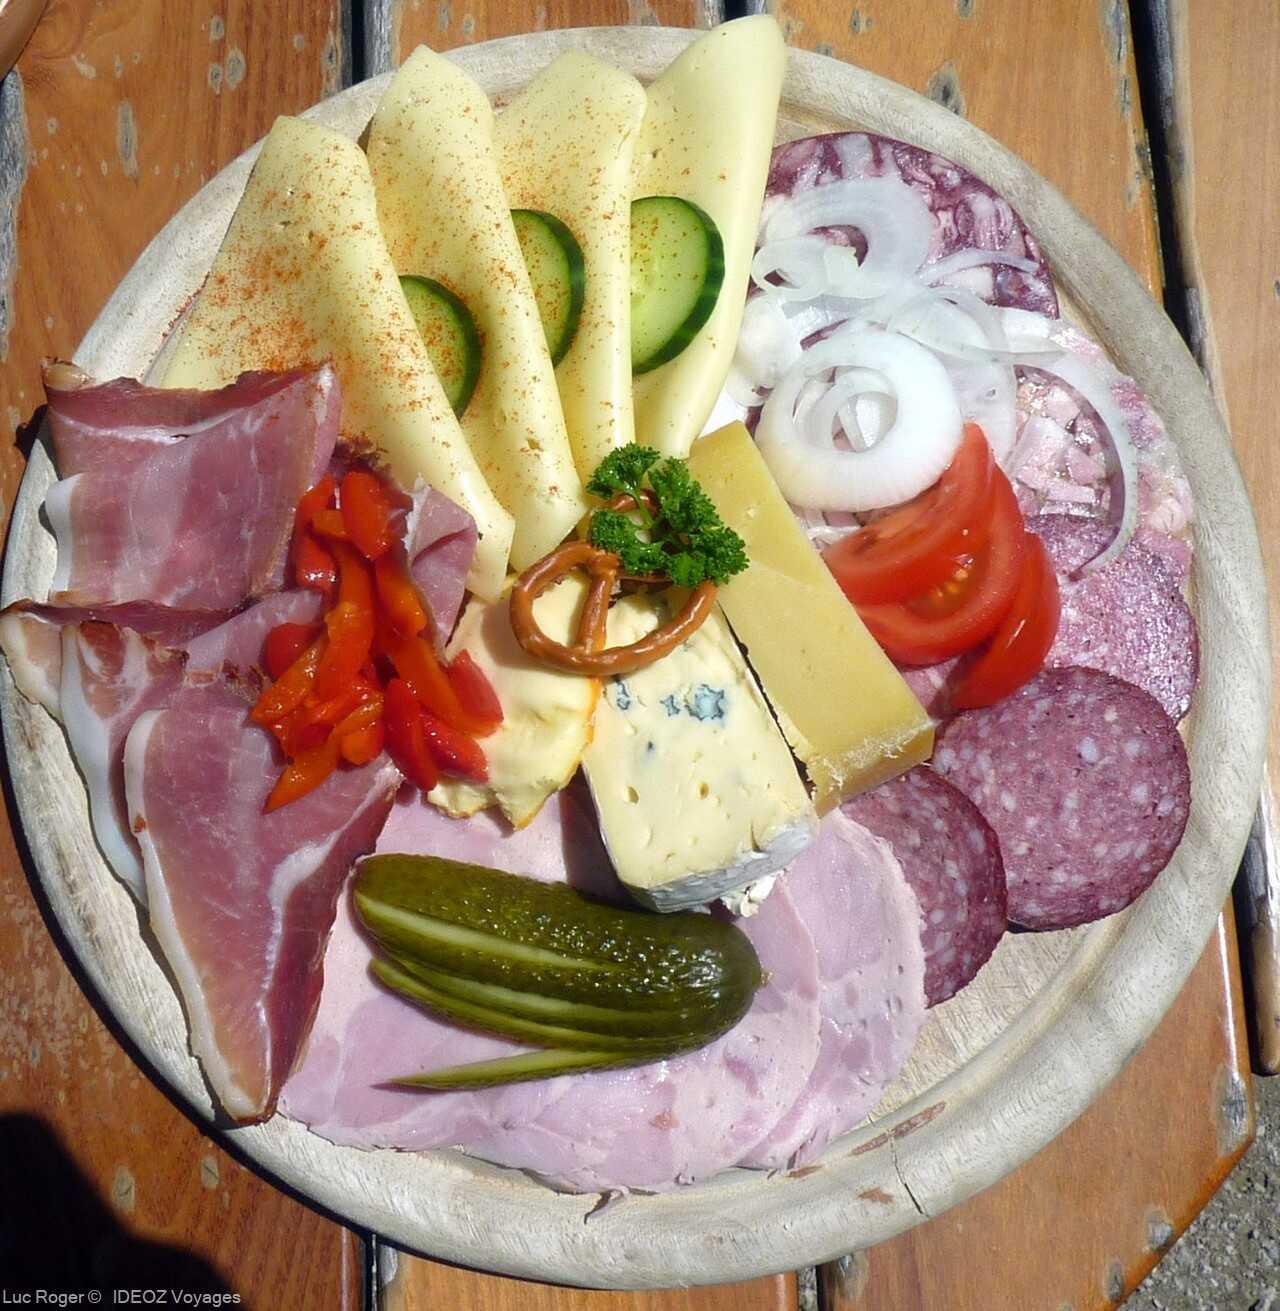 assiette de charcuteries bavaroises comme on la sert dans les alpes